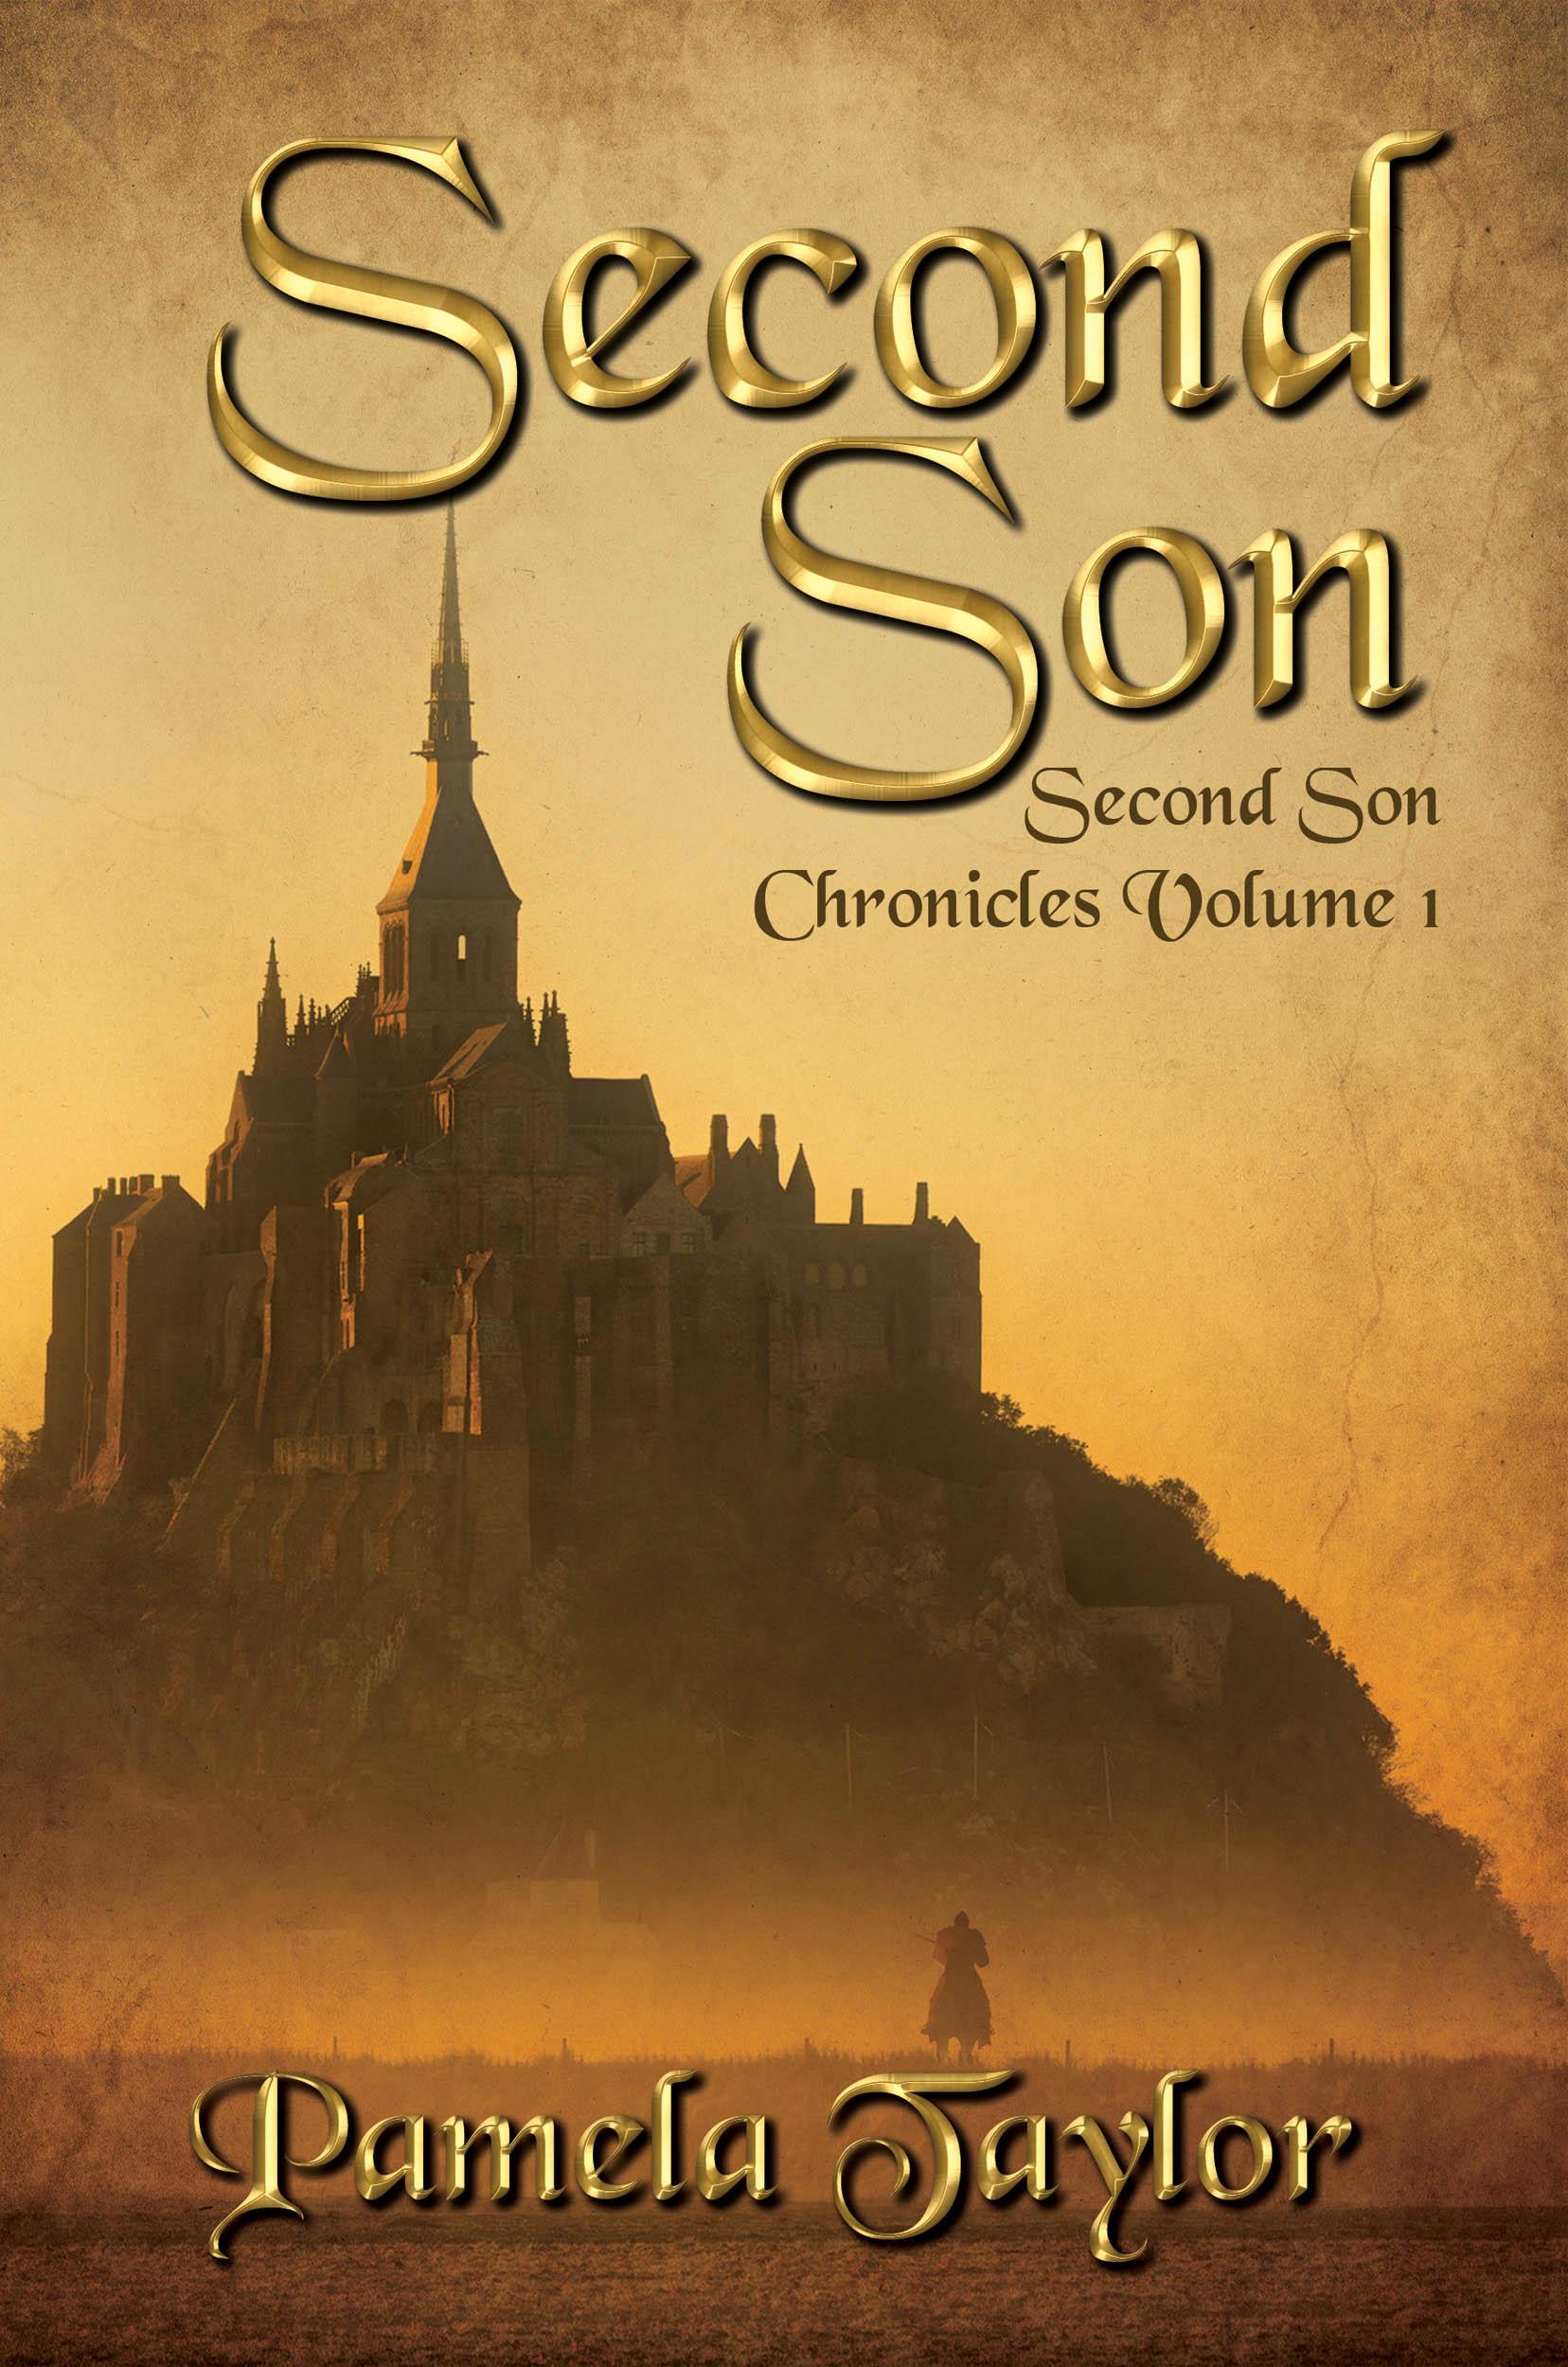 Second Son eimage.jpg